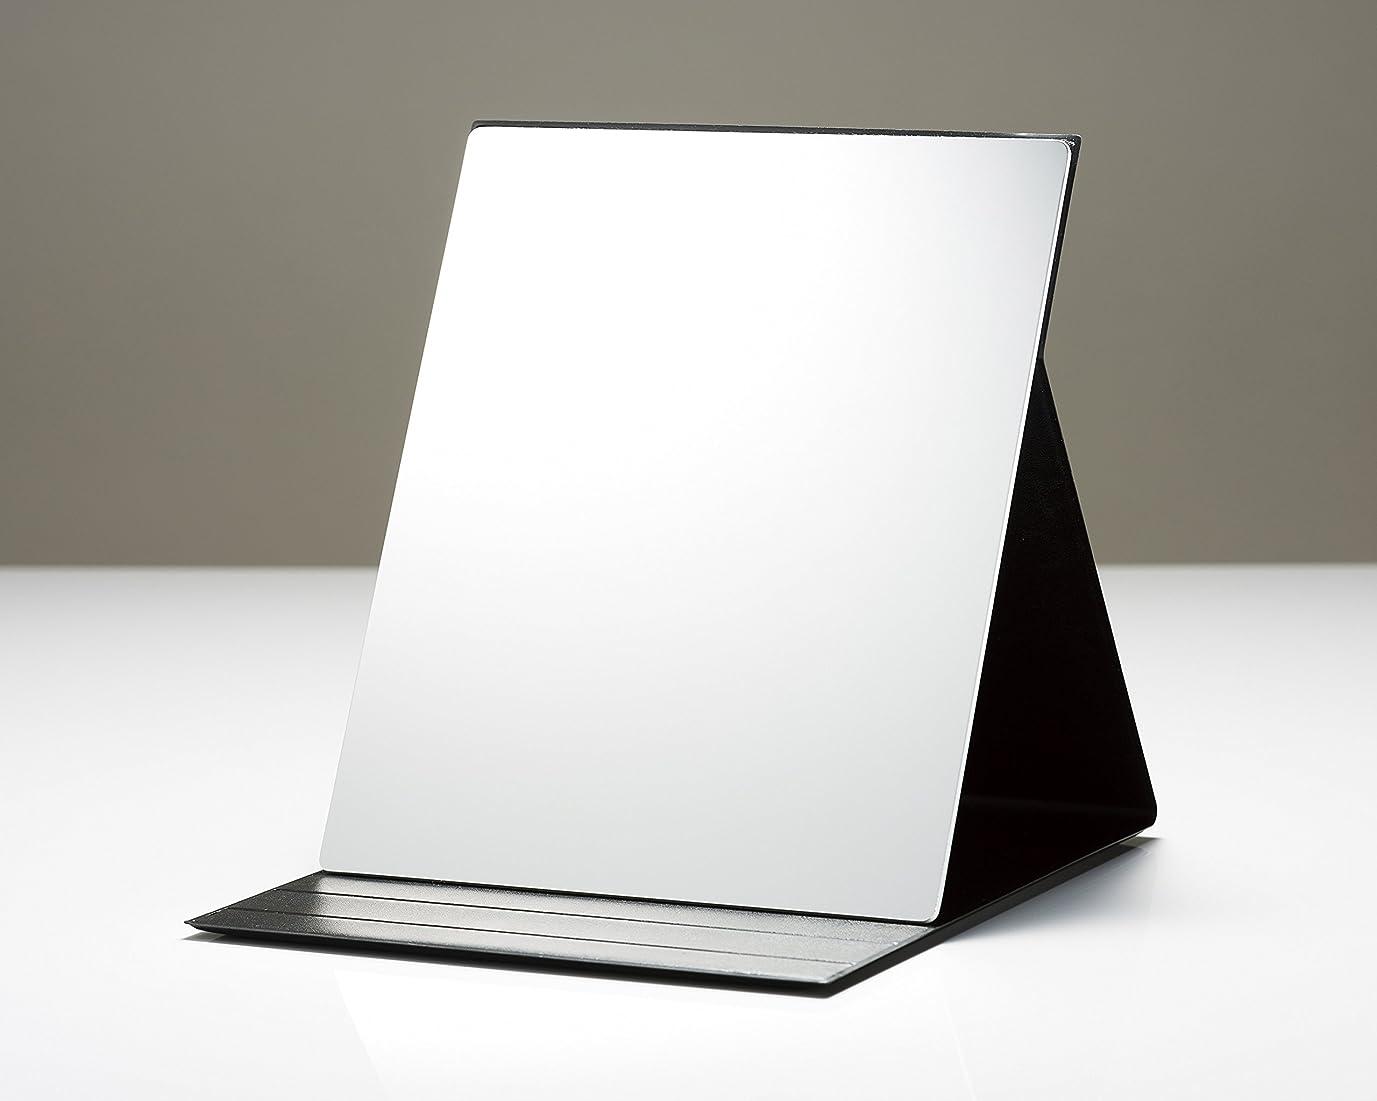 入射出くわすきゅうり割れないミラー いきいきミラー折立(3L)